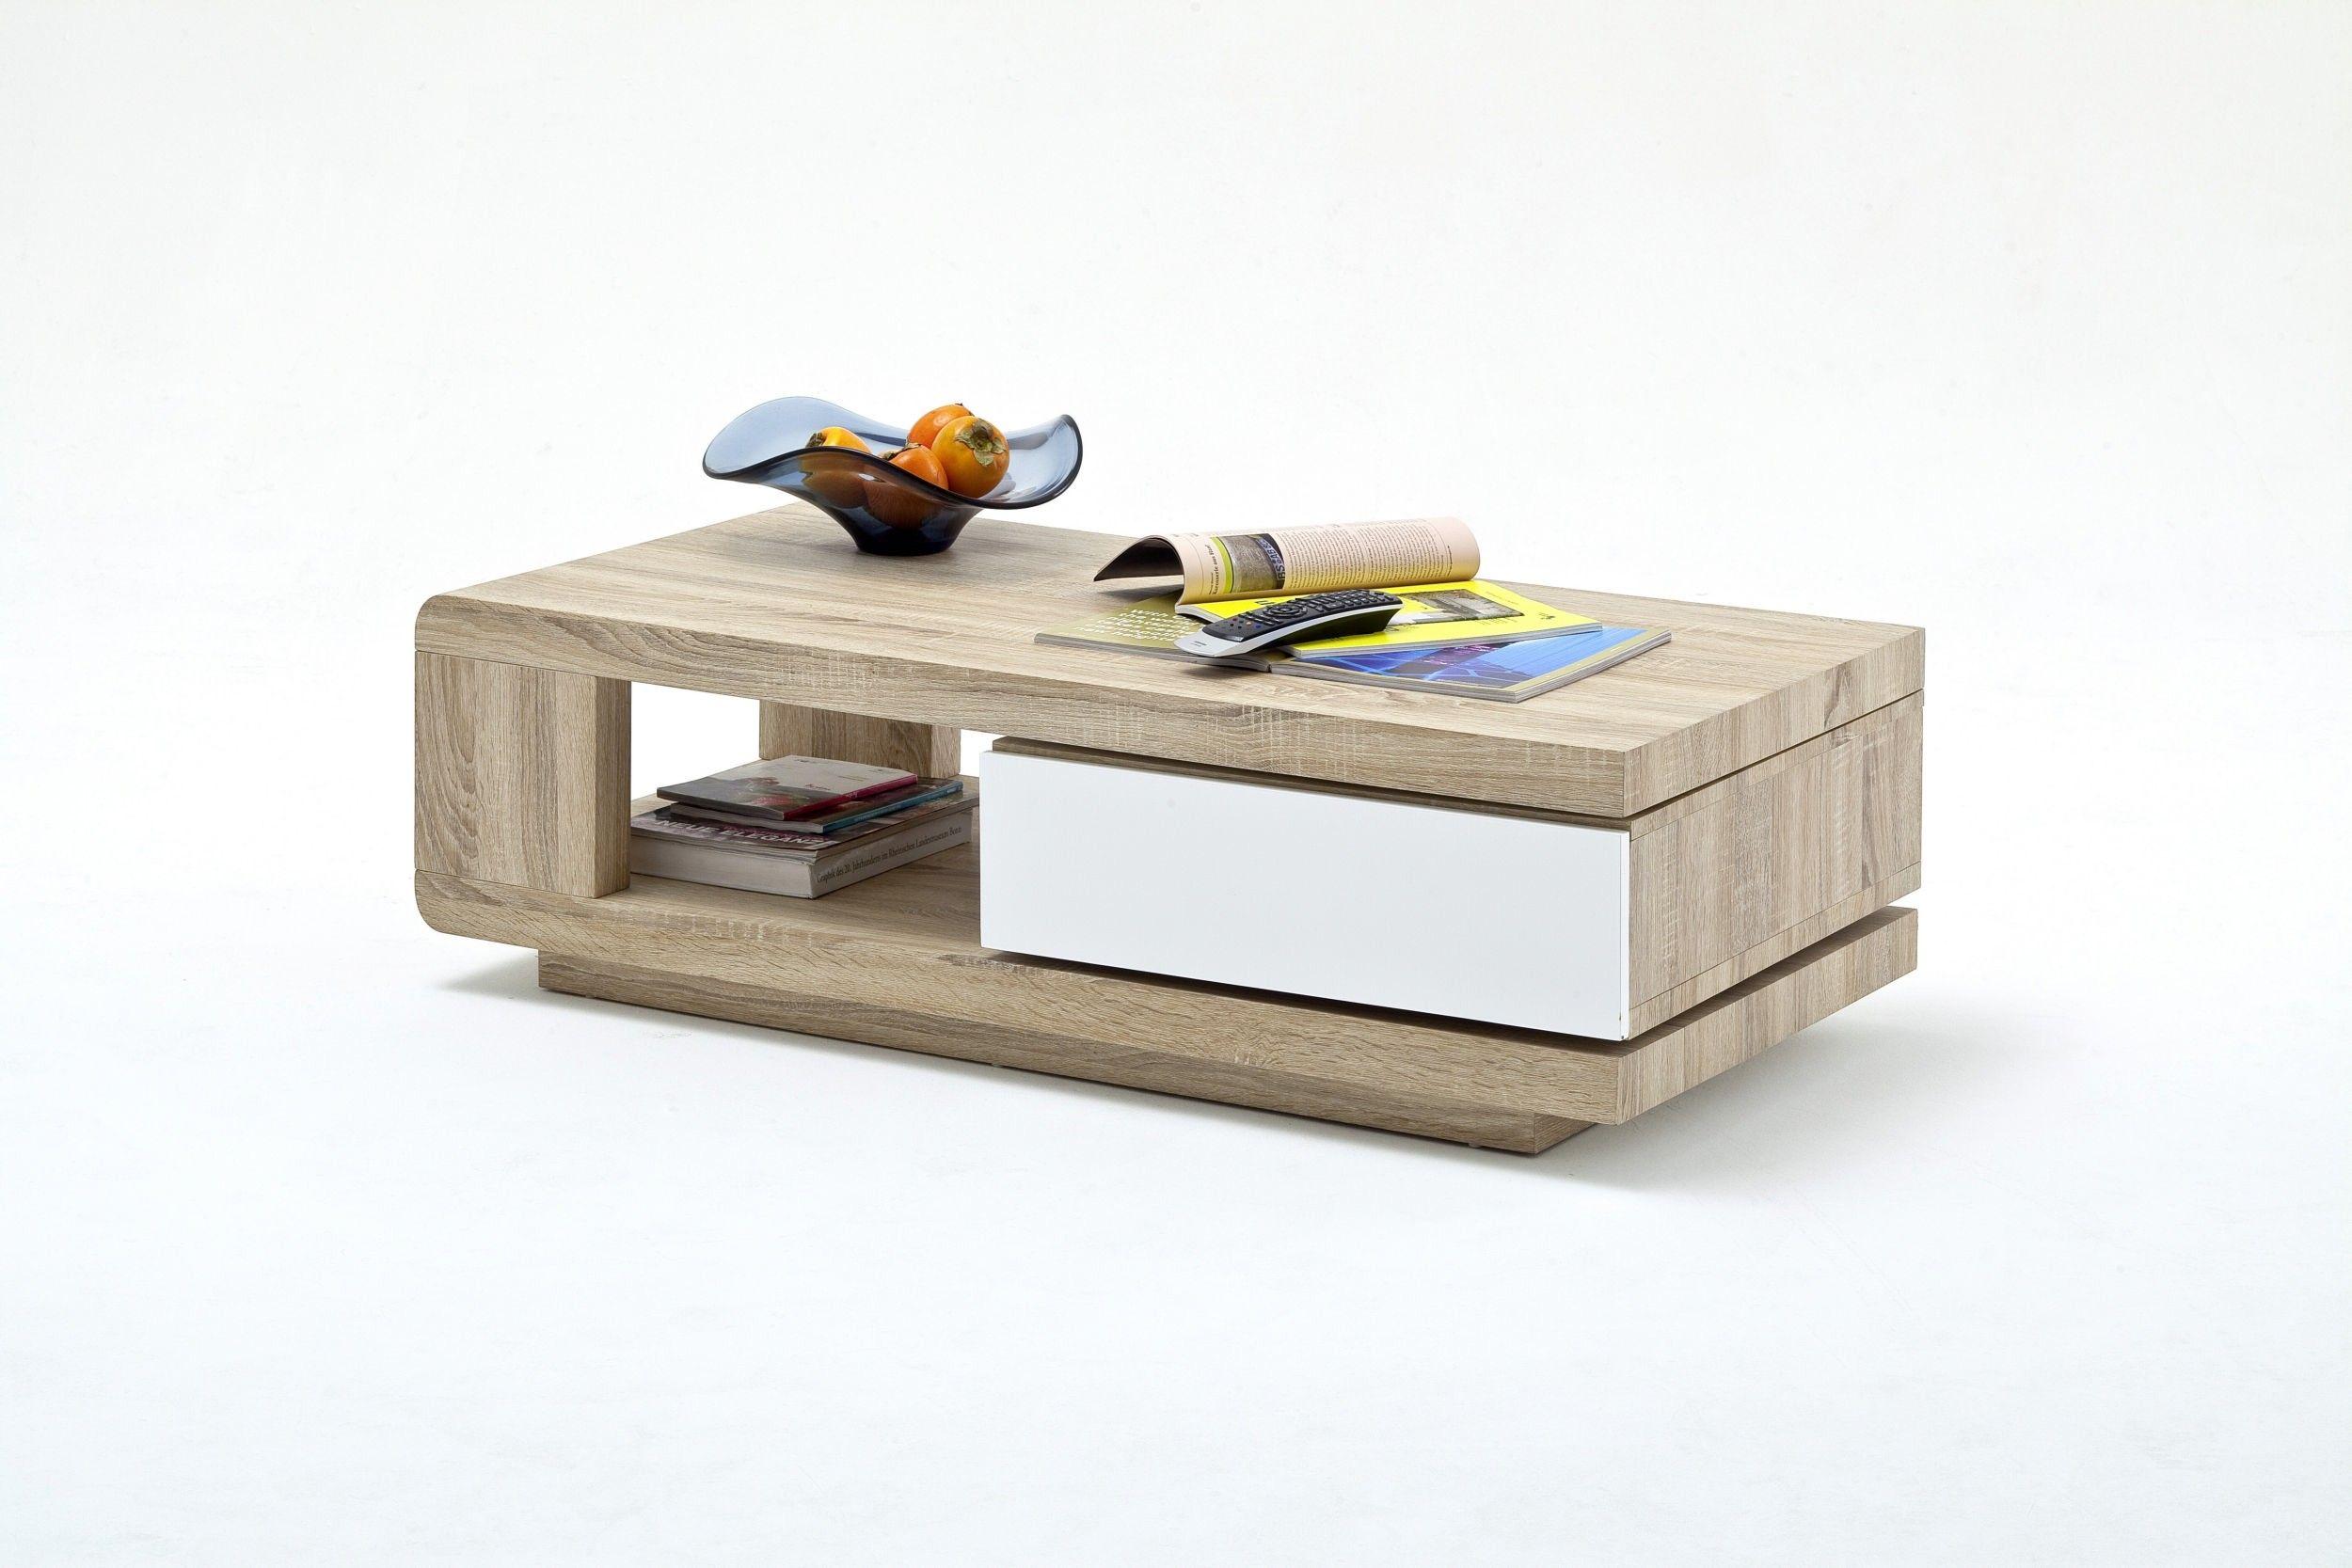 Das Online Möbelhaus Wohnorama Einfach Möbel Online Kaufen Couchtisch Couchtisch Eiche Couchtisch Weiß Holz